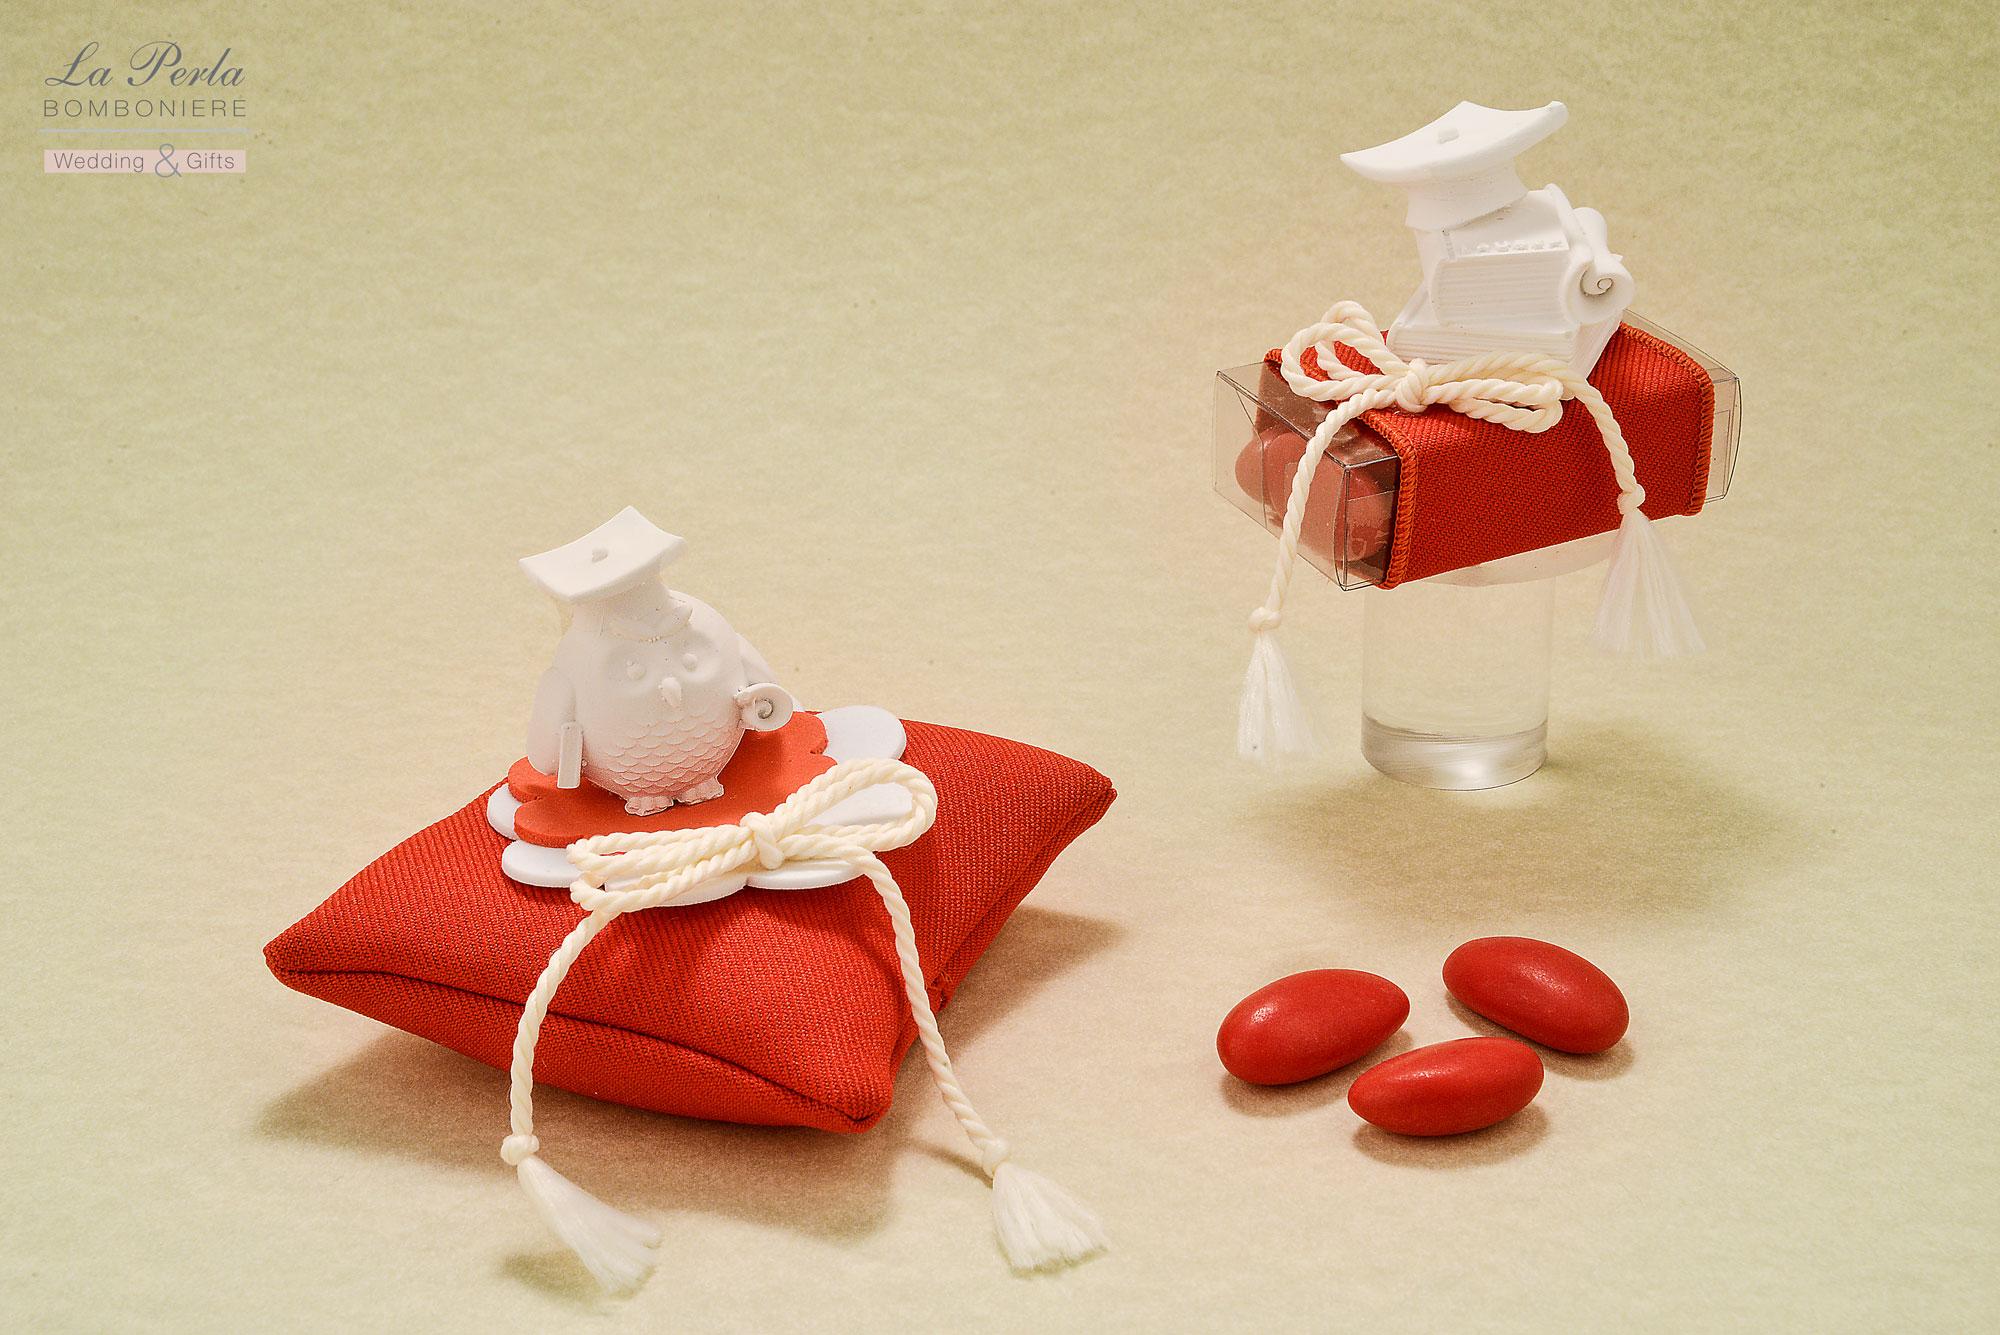 Gessetto profumato a forma di Gufetto Laureato, applicato su una bustina quadrata in tessuto di cotone rosso, made in Italy. Dopo tanta fatica, il profumo della meritata Laurea!